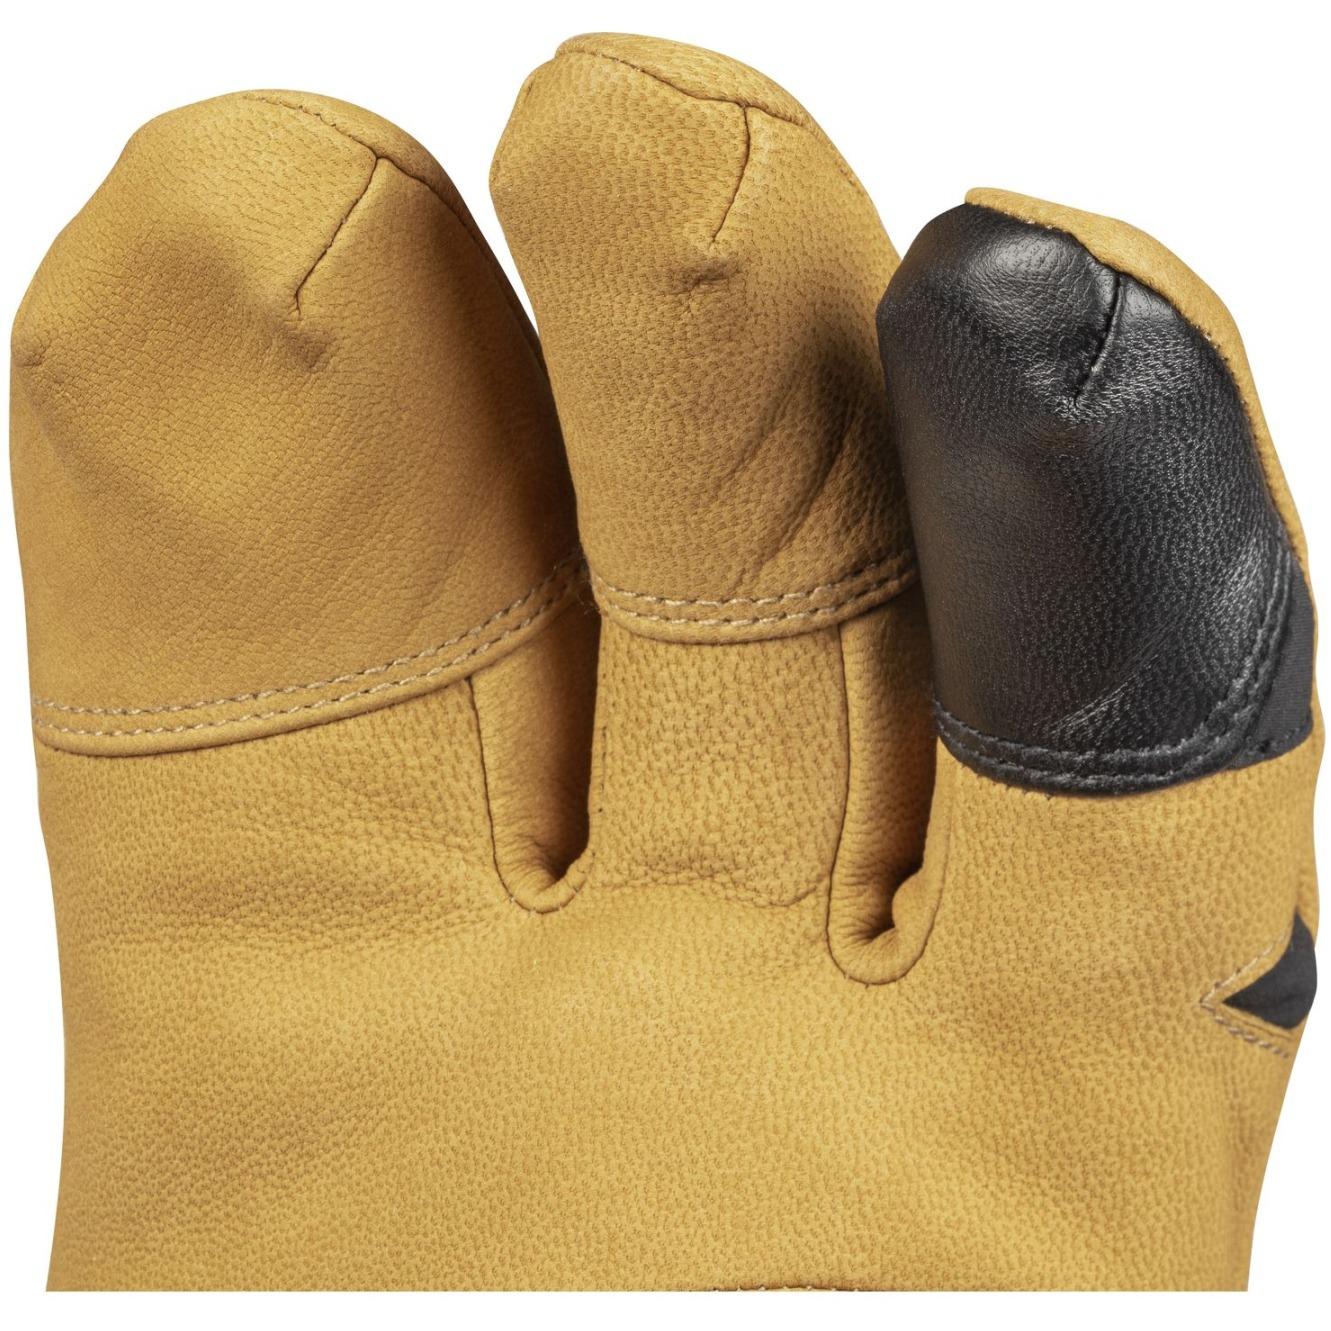 Imagen de 45NRTH Sturmfist 4 Finger Guantes de Cuero - tan